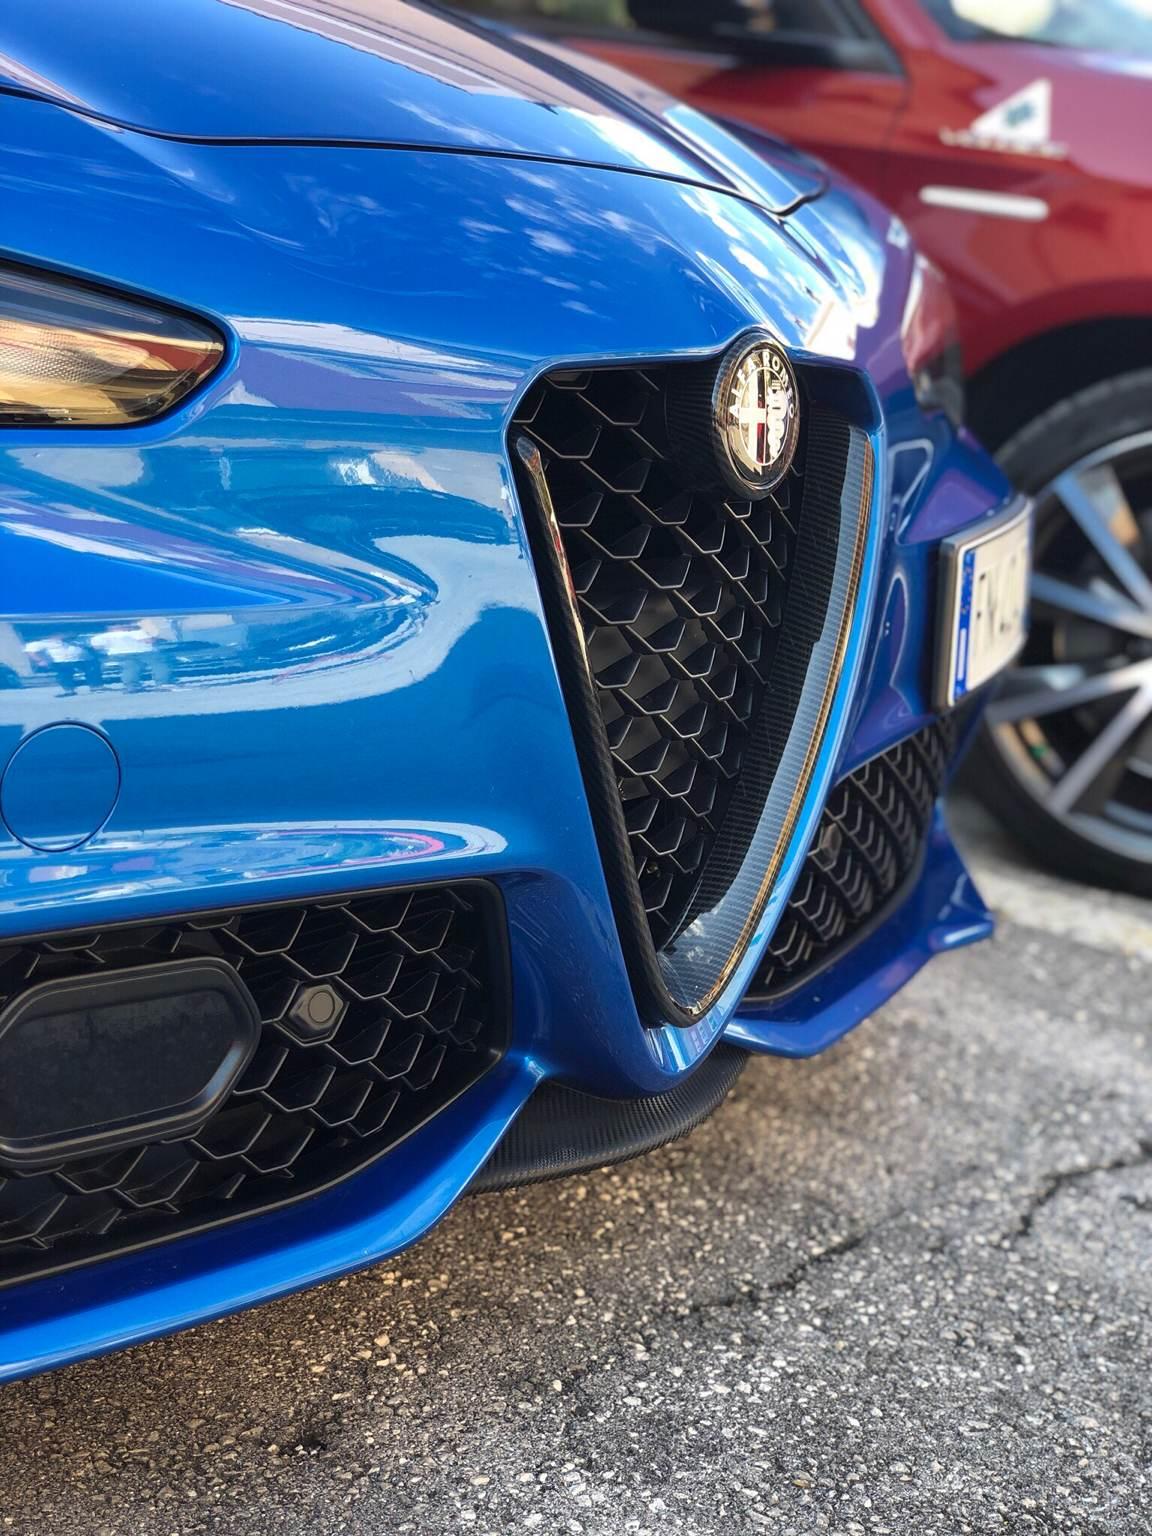 foto 5° raduno Alfa Romeo nella Vallesina 7/8 settembre 2019 - 6